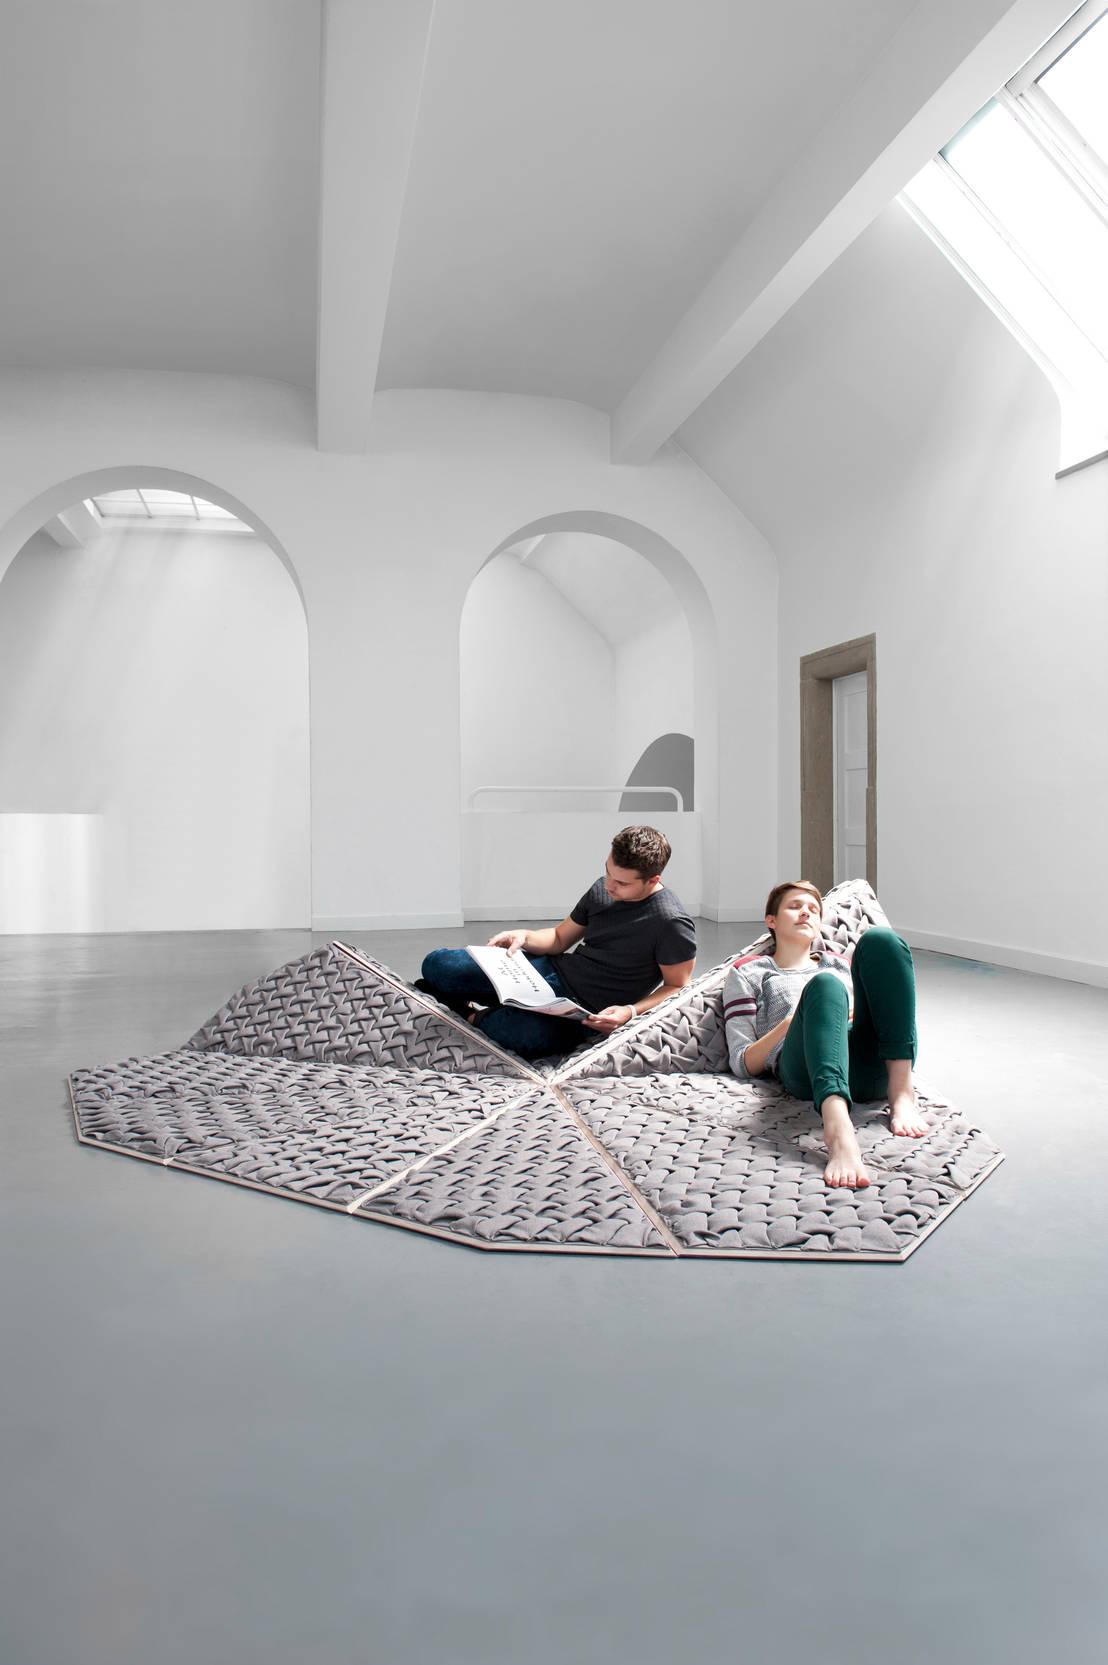 sitzm bel mal anders. Black Bedroom Furniture Sets. Home Design Ideas